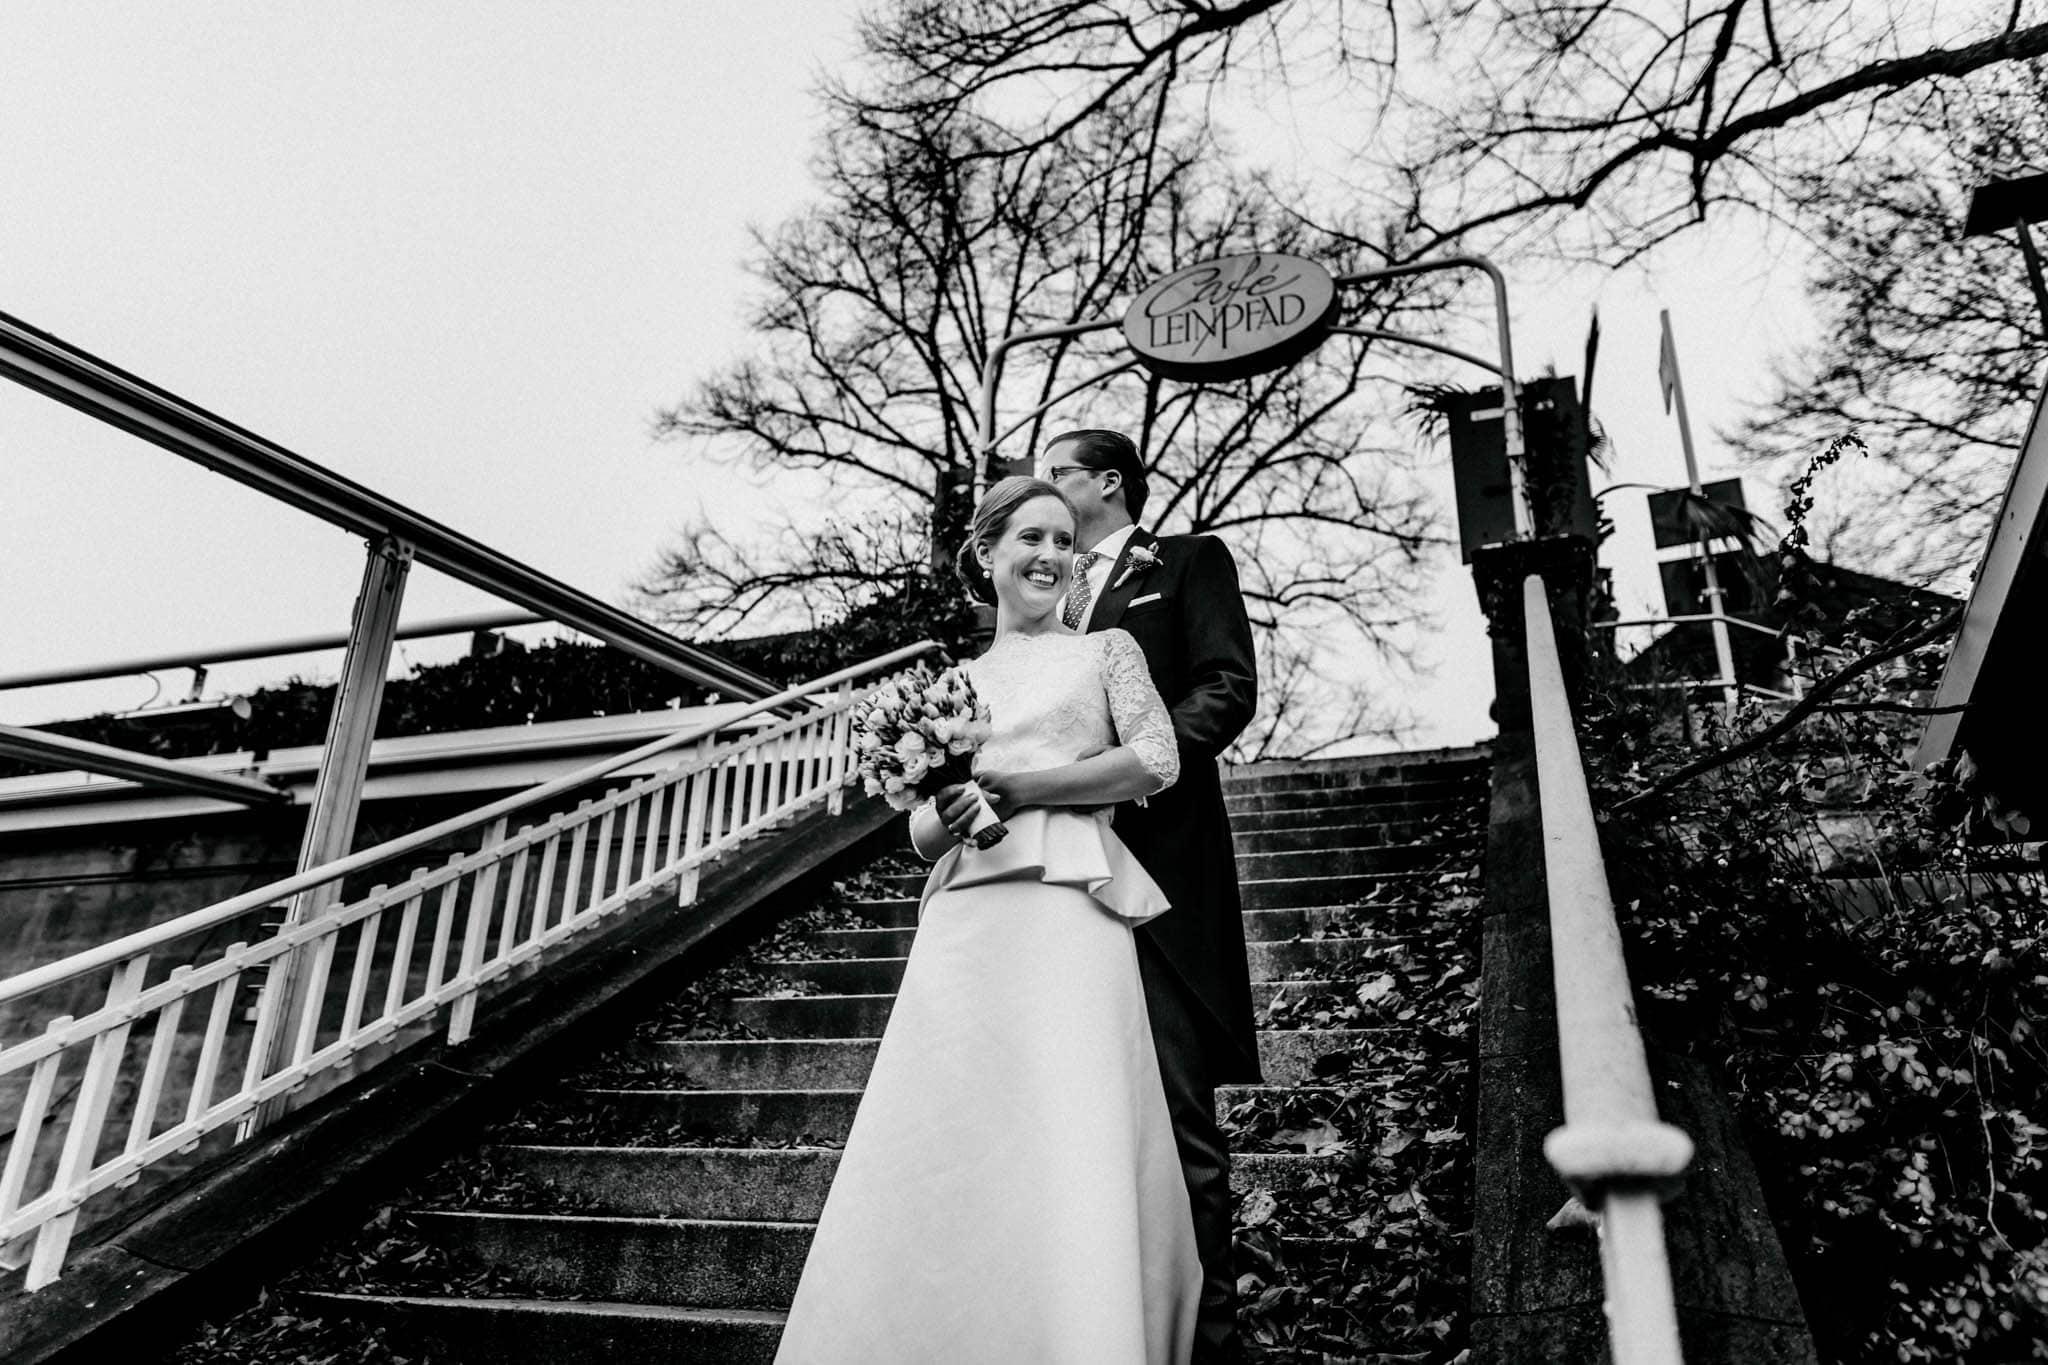 Hochzeitsfieber by Photo-Schomburg, Hochzeitsfotograf, Hamburg,Hochzeitstag, Hochzeitspaar, Braut, Bräutigam, Literaturhauscafe Hamburg-47